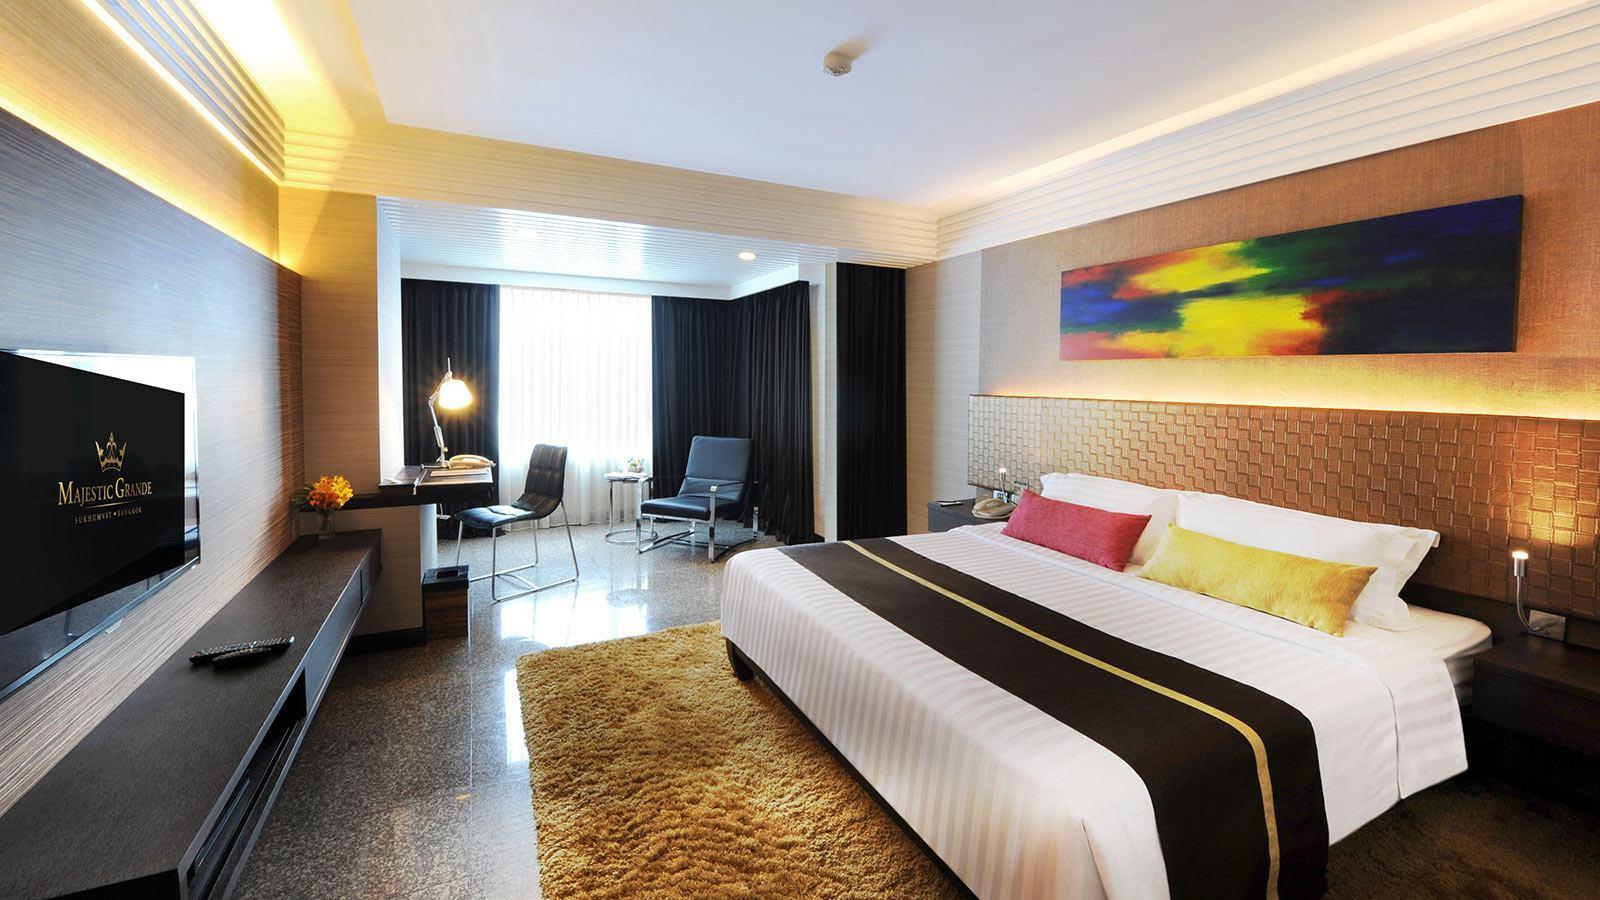 هتل مجستیک گرند بانکوک